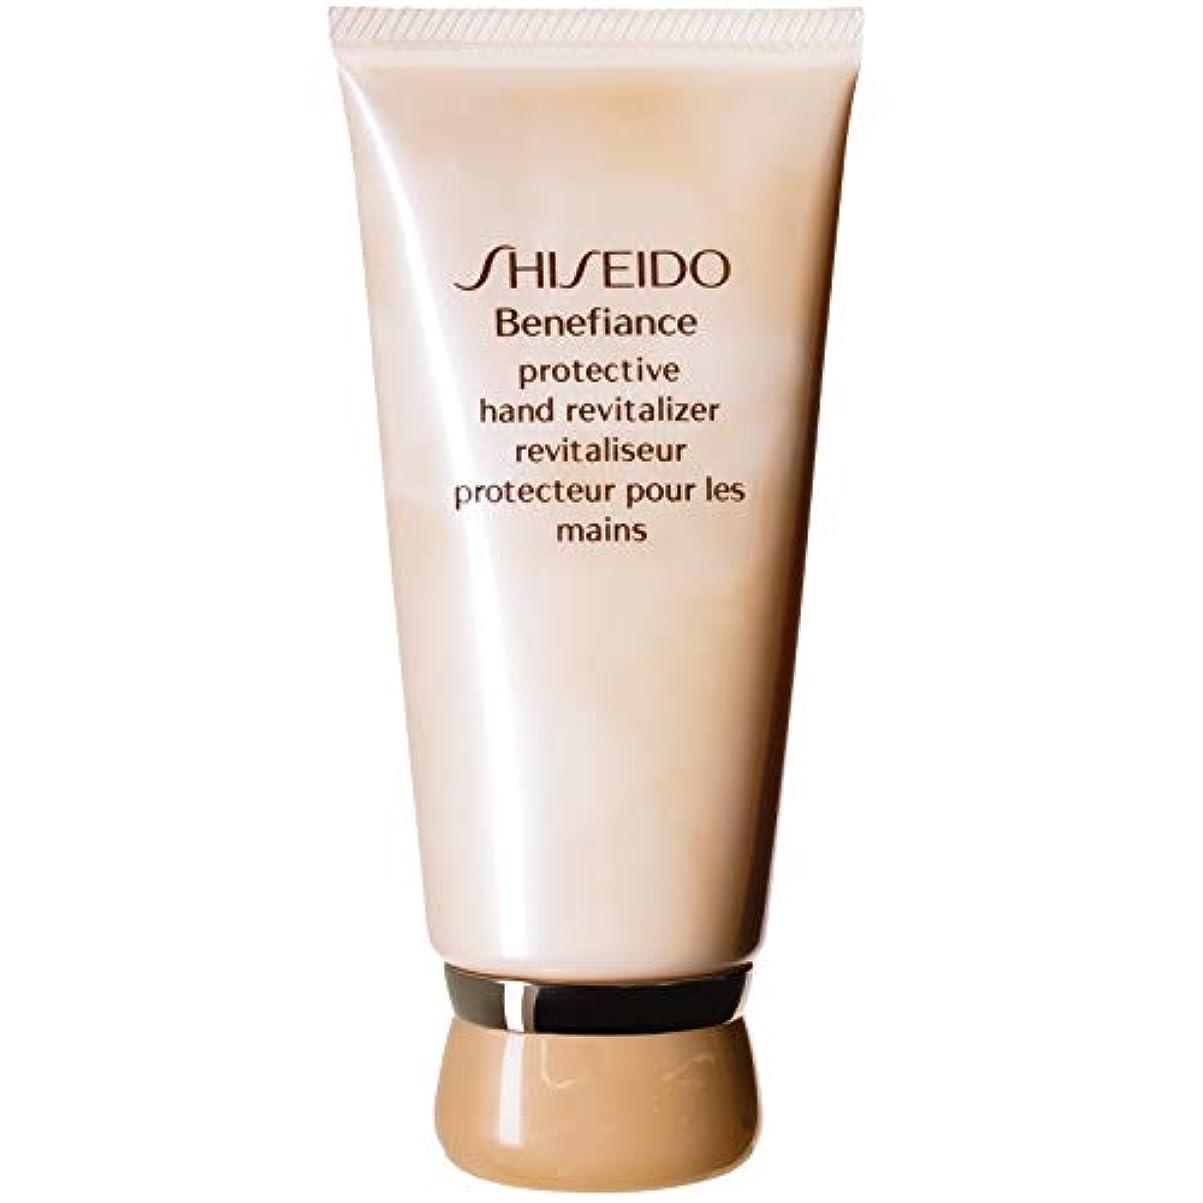 グリルブローホールタクト[Shiseido] 資生堂ベネフィアンス保護手の滋養強壮の75ミリリットル - Shiseido Benefiance Protective Hand Revitalizer 75ml [並行輸入品]